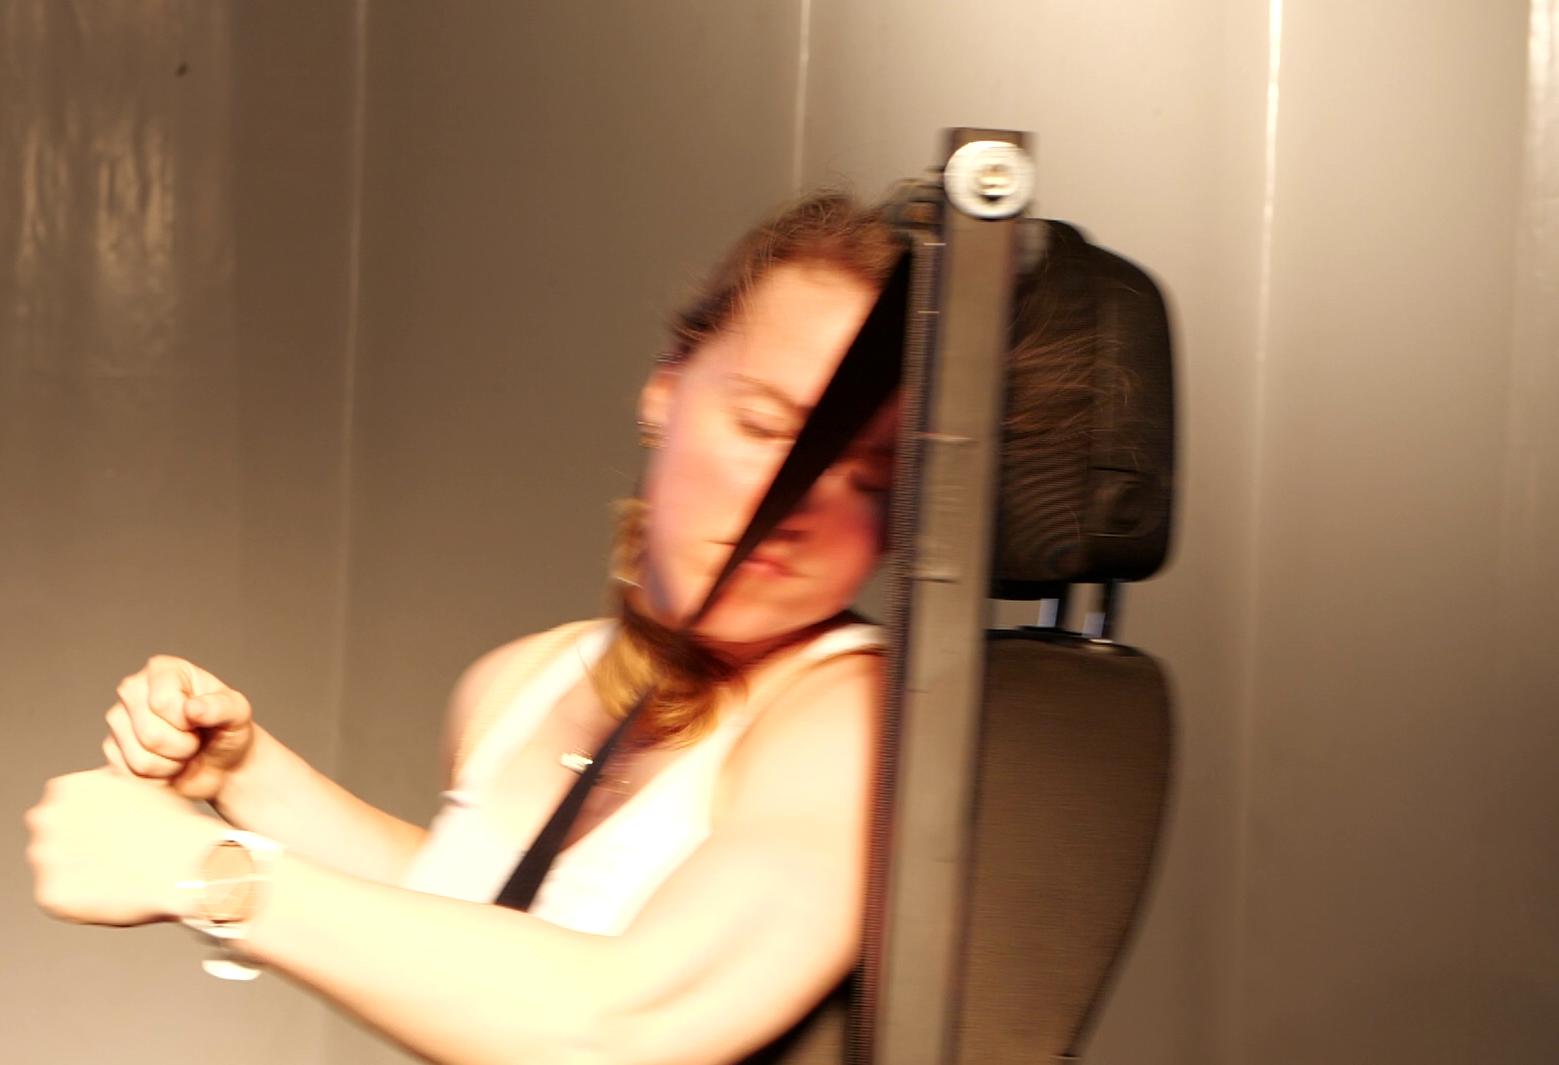 Unnatürliches Abknicken des Kopfes und Überdehnung der rechten Halsseite bei ∆v = 8 km/h